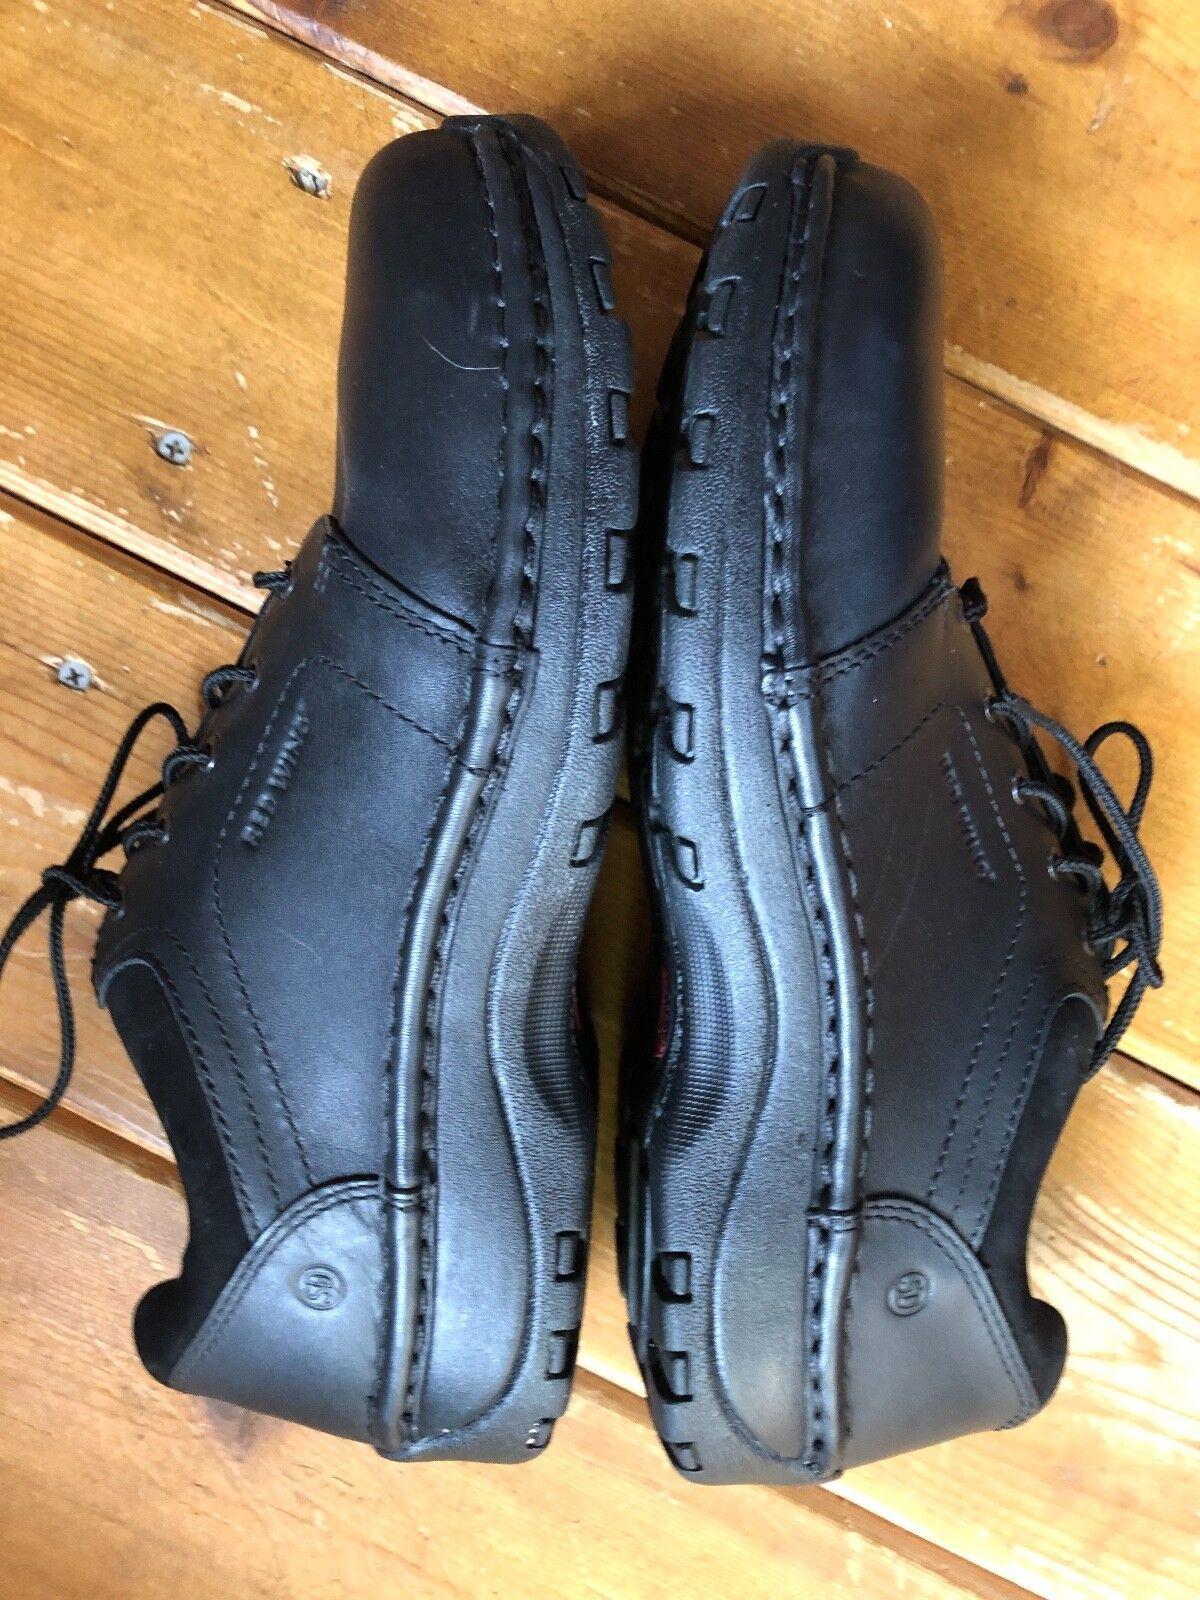 Rouge  wing acier noir toe toe noir chaussures taille 10 astmf femmes 2413- 11 po rt é d eux fois! 93d44b